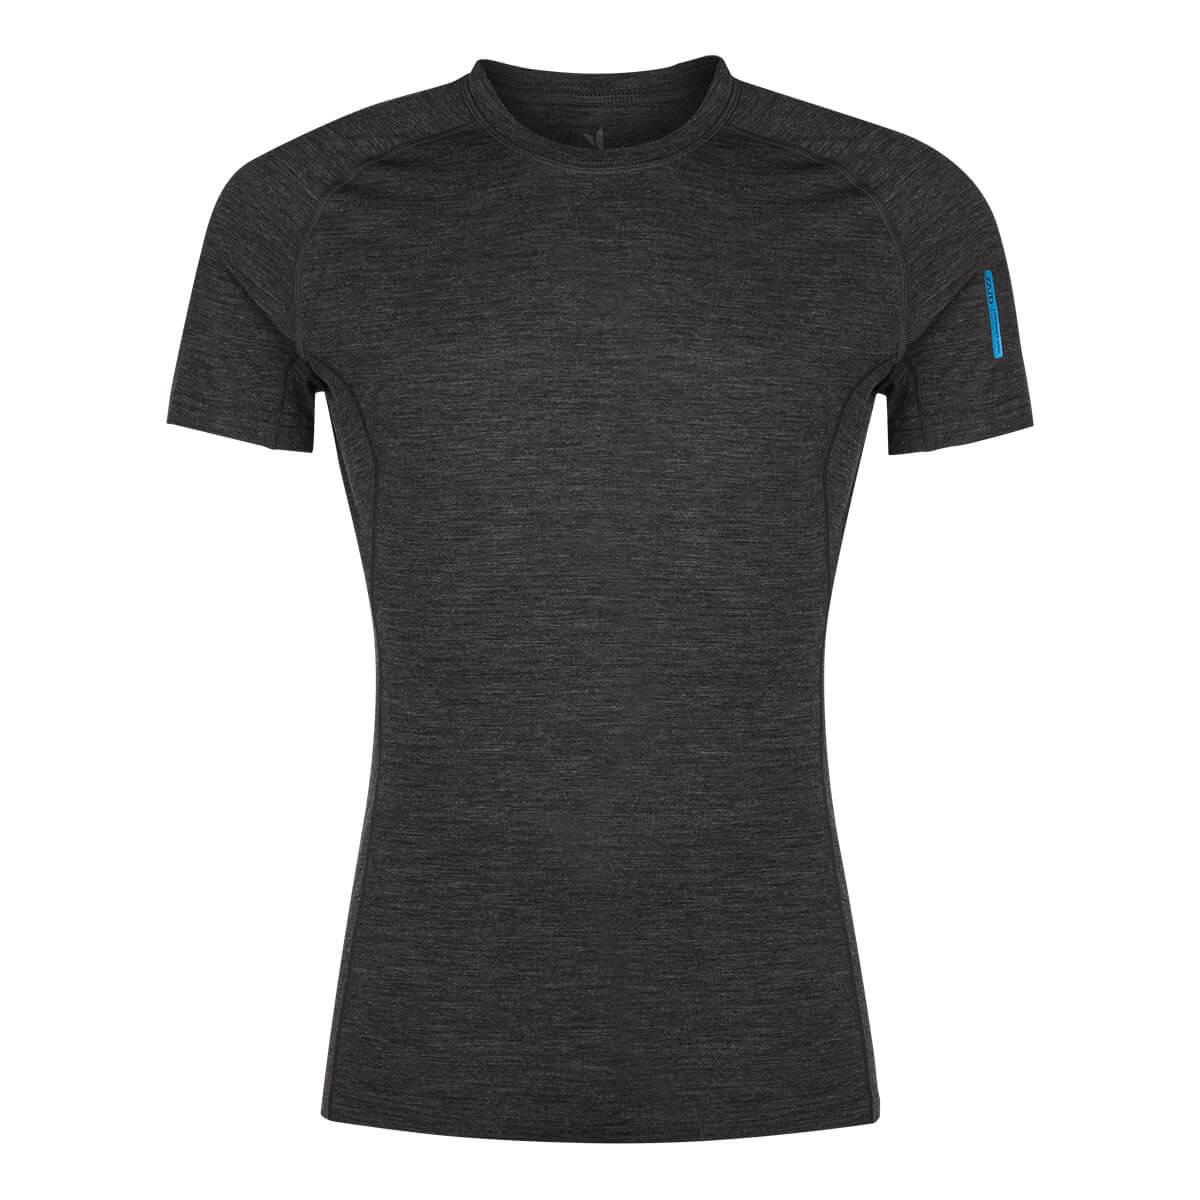 Pánske tričko Zajo Bjorn Merino Nylon T-shirt SS Black - veľkosť S